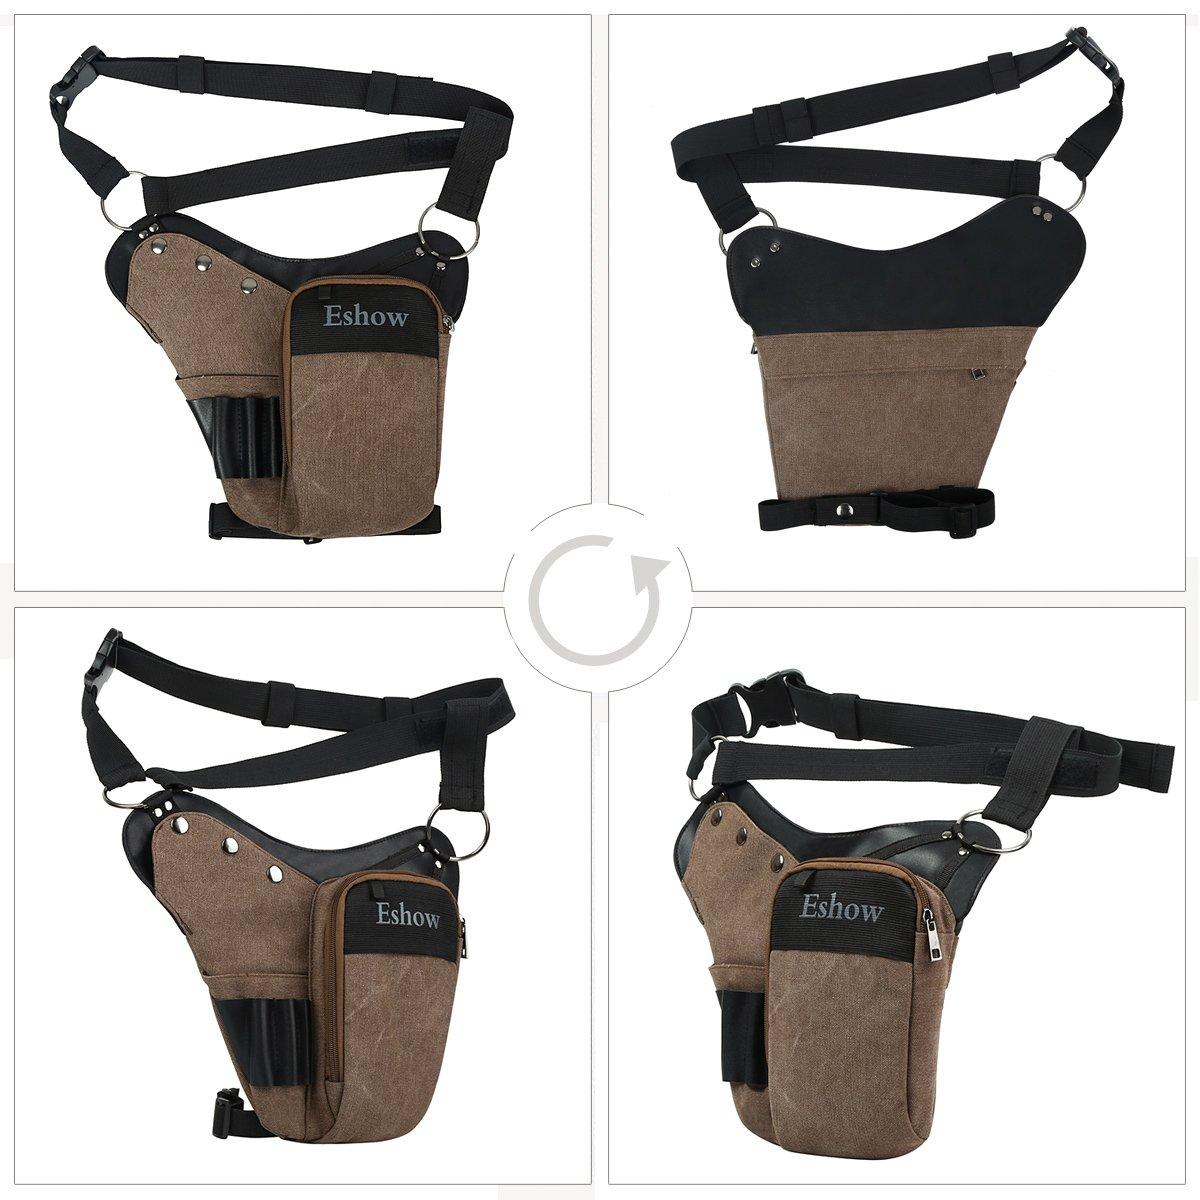 c647409099b Eshow Sac de Jambe pour outils Sac à outils tactique Trousse à Outils  électrotechnique porte-outil Accessoire de ceinture pour Bricolage  électricien ...